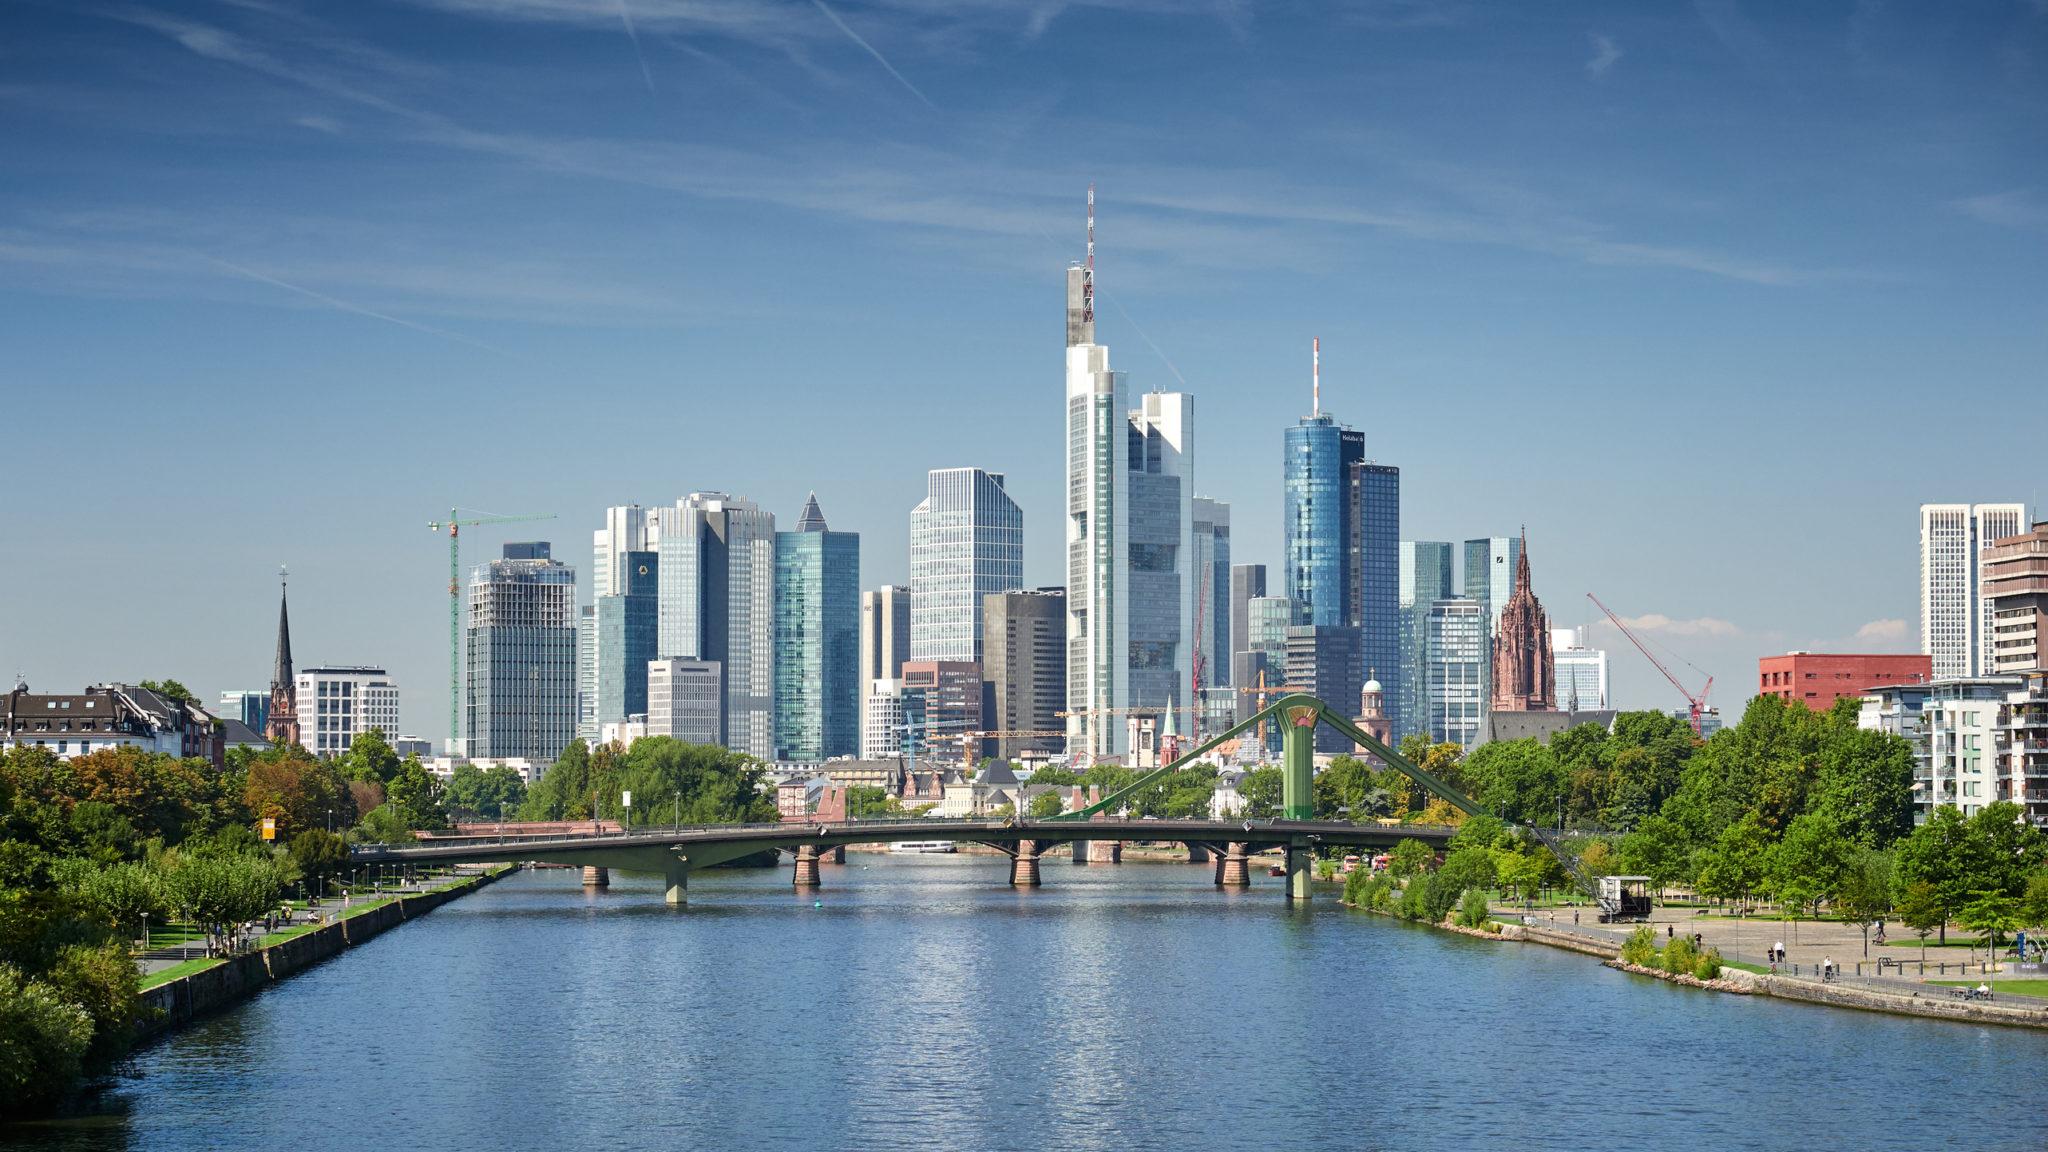 Haushaltsauflösung und Entrümpelung in Frankfurt am Main